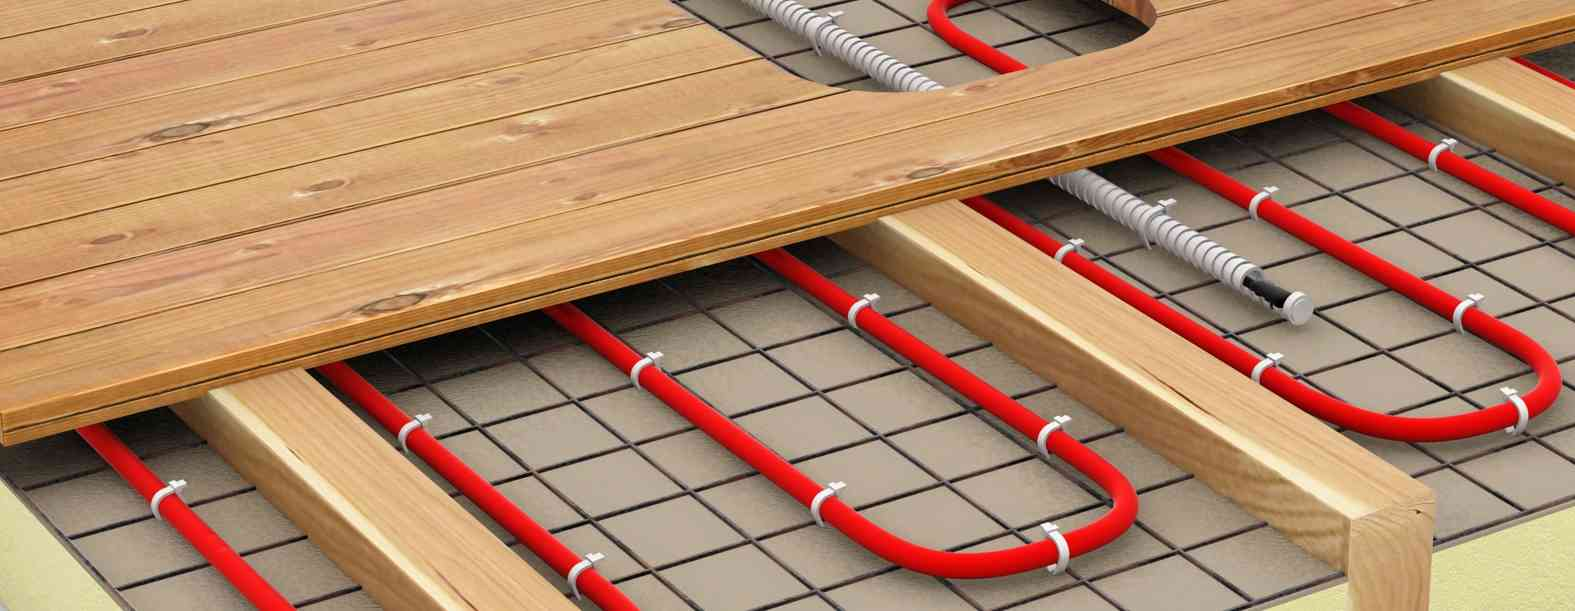 Теплые полы с деревянном доме схема